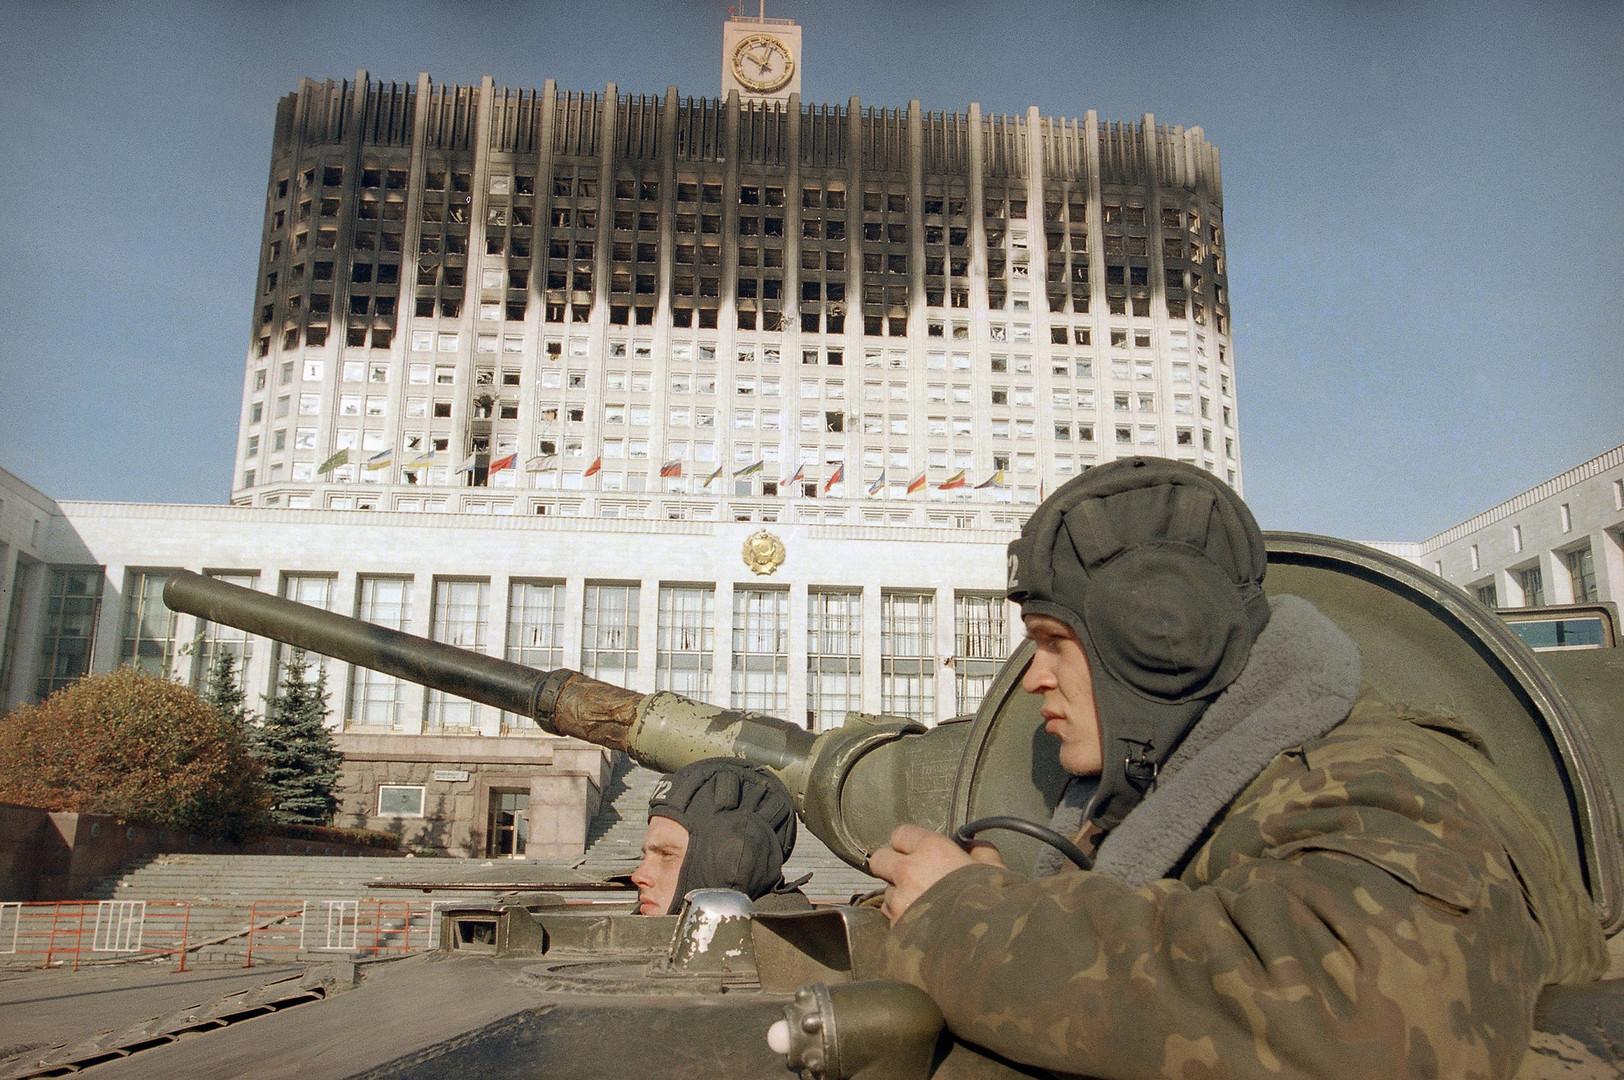 Руски војници во тенк пред зградата на рускиот парламент во Москва. 6  октомври 1993